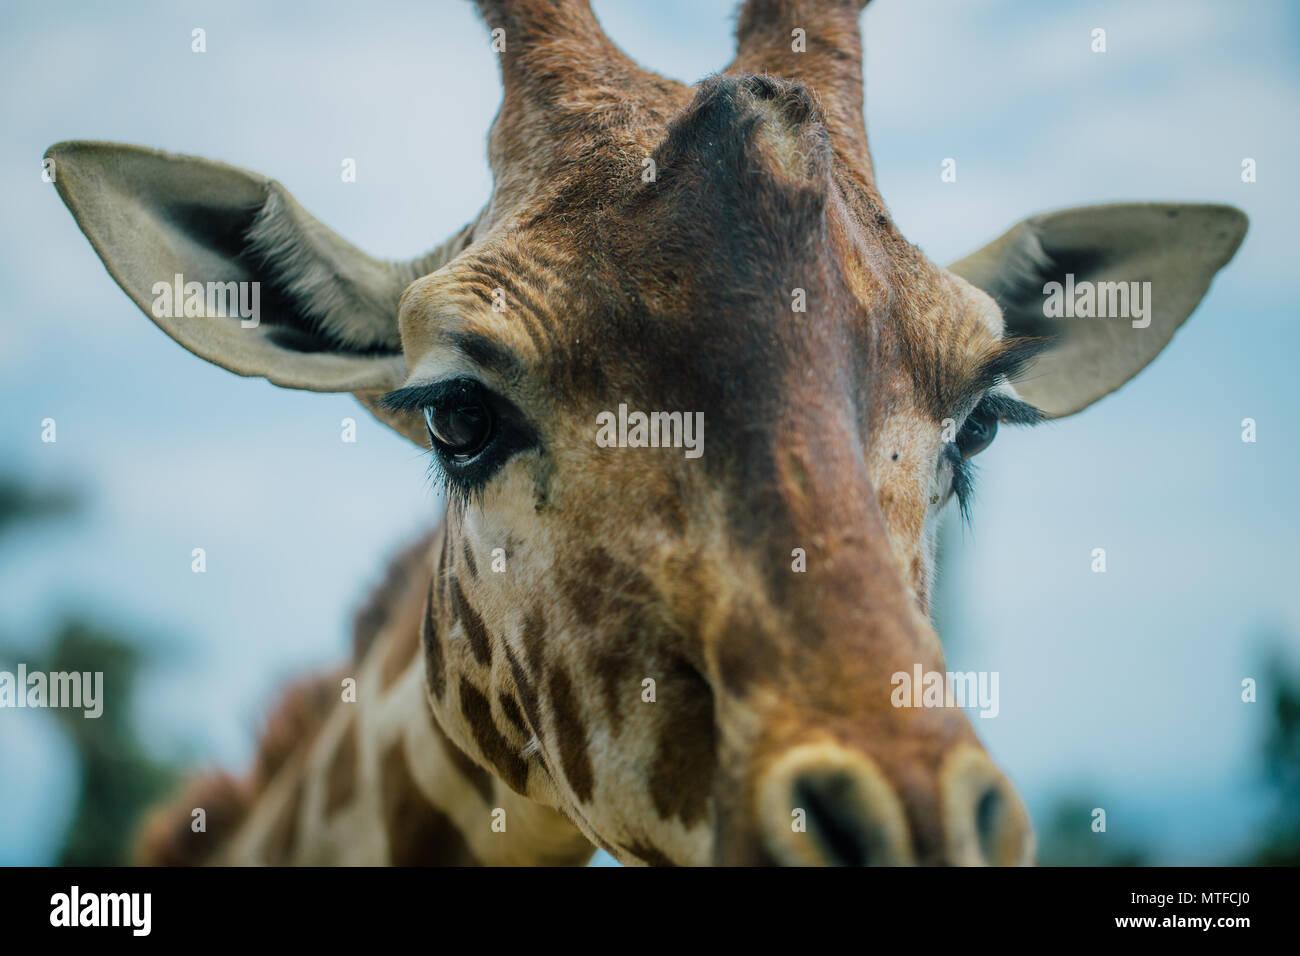 Giraffe in Fasano apulia safari zoo Italy - Stock Image